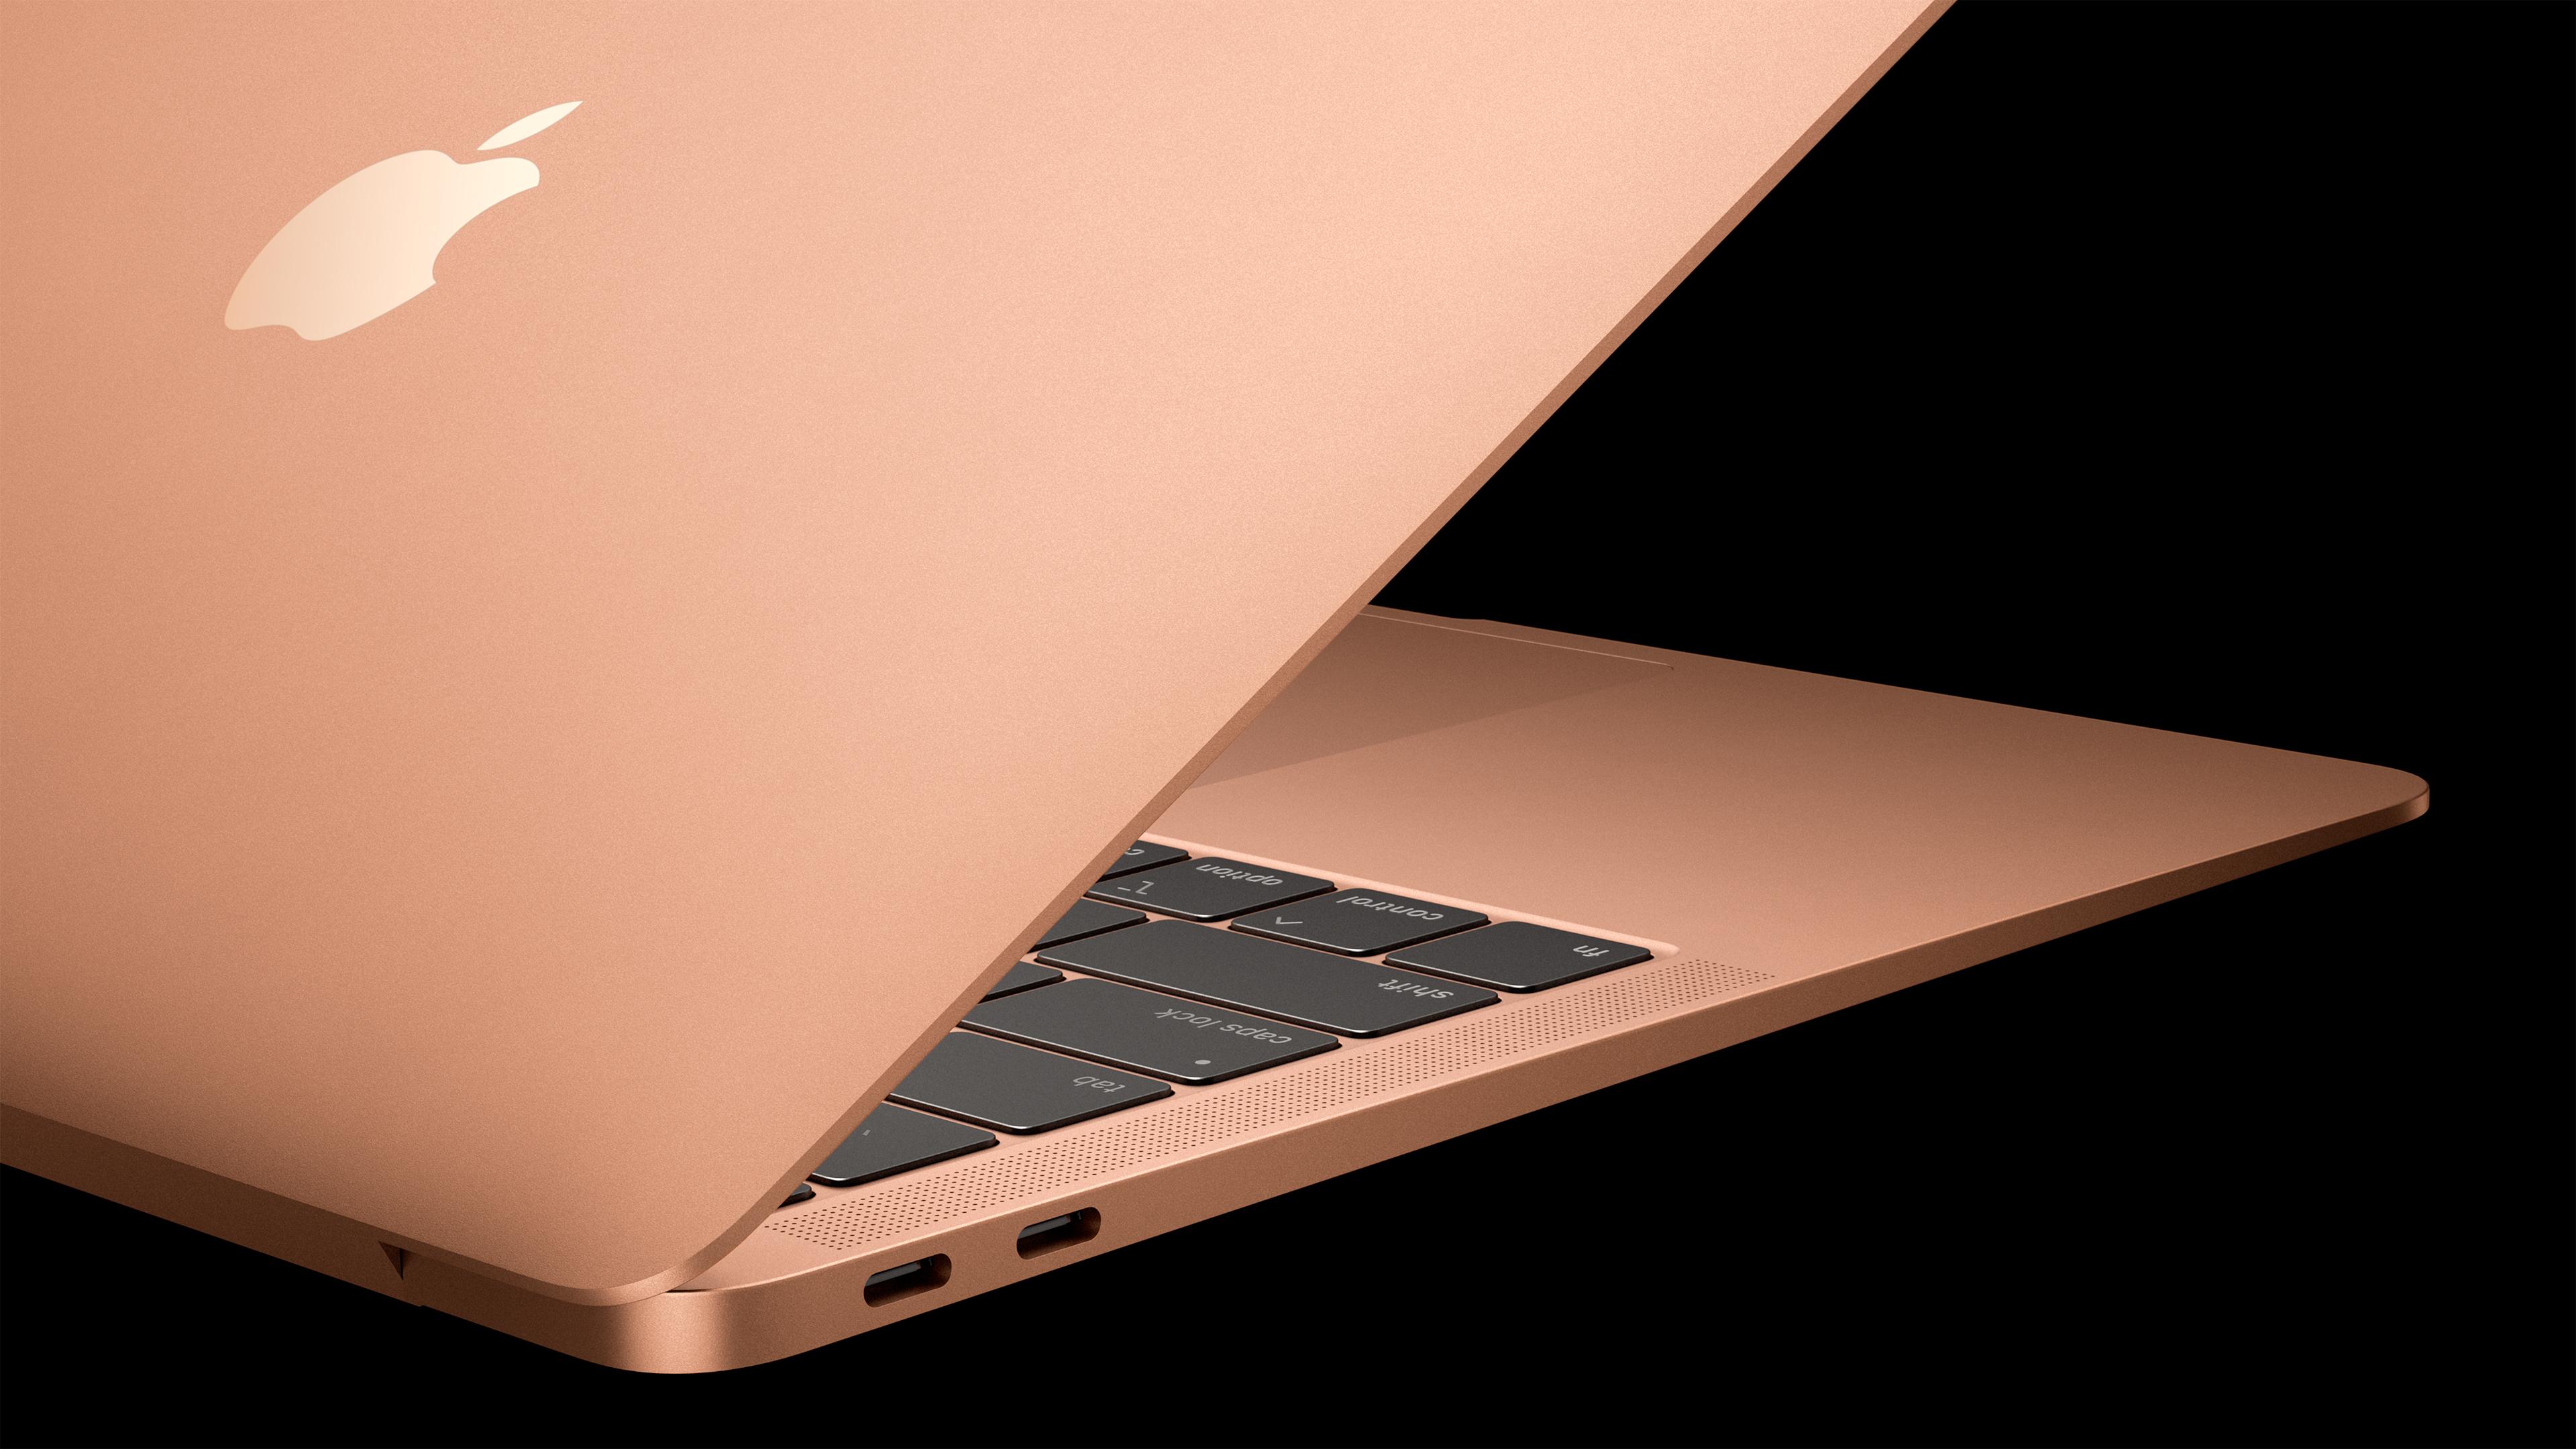 MacBook Air 2018 Build